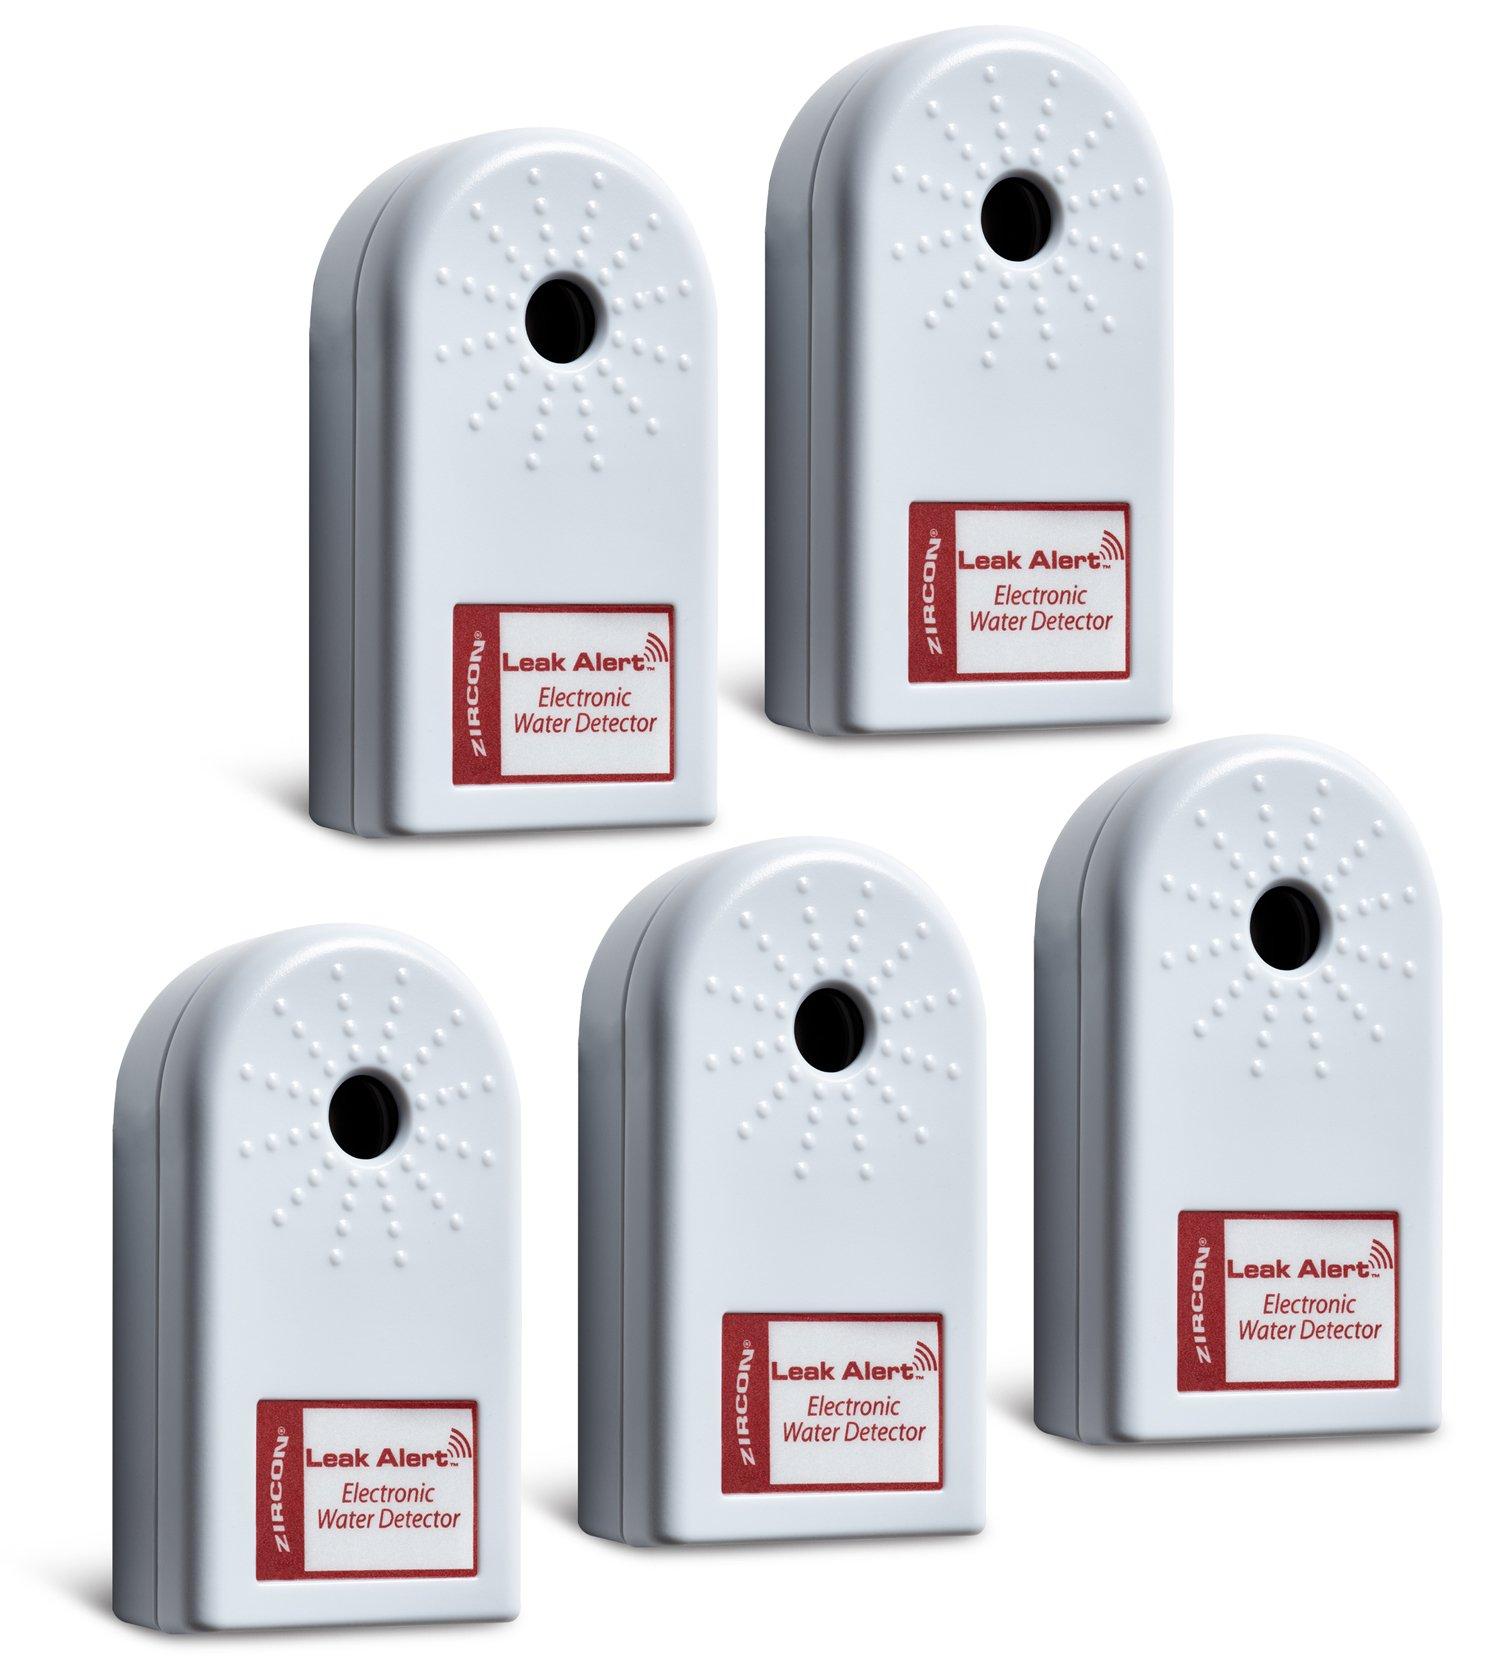 ZirconLeakAlertWaterLeakDetector & Flood Sensor Alarm / WaterLeakSensor with DualLeakAlarms 90dB Audio / Battery Powered (5 Pack) Batteries Included by Zircon